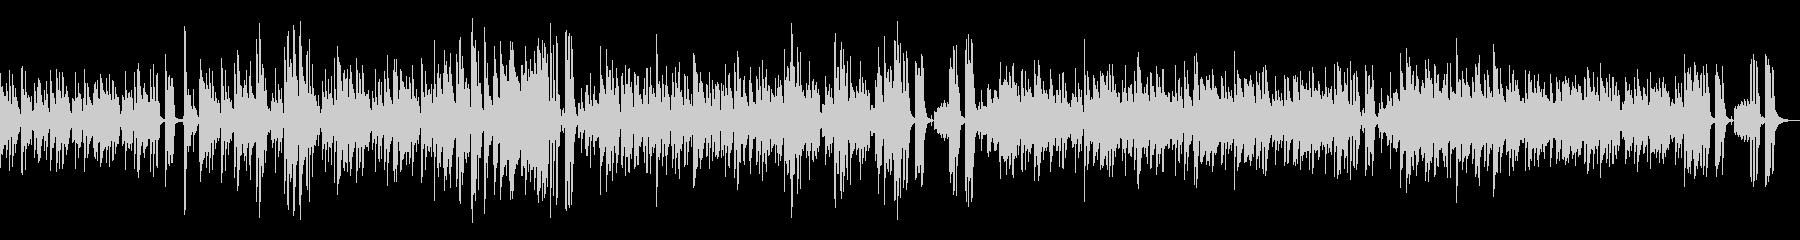 南国のリゾート地をイメージしたボサノバ曲の未再生の波形